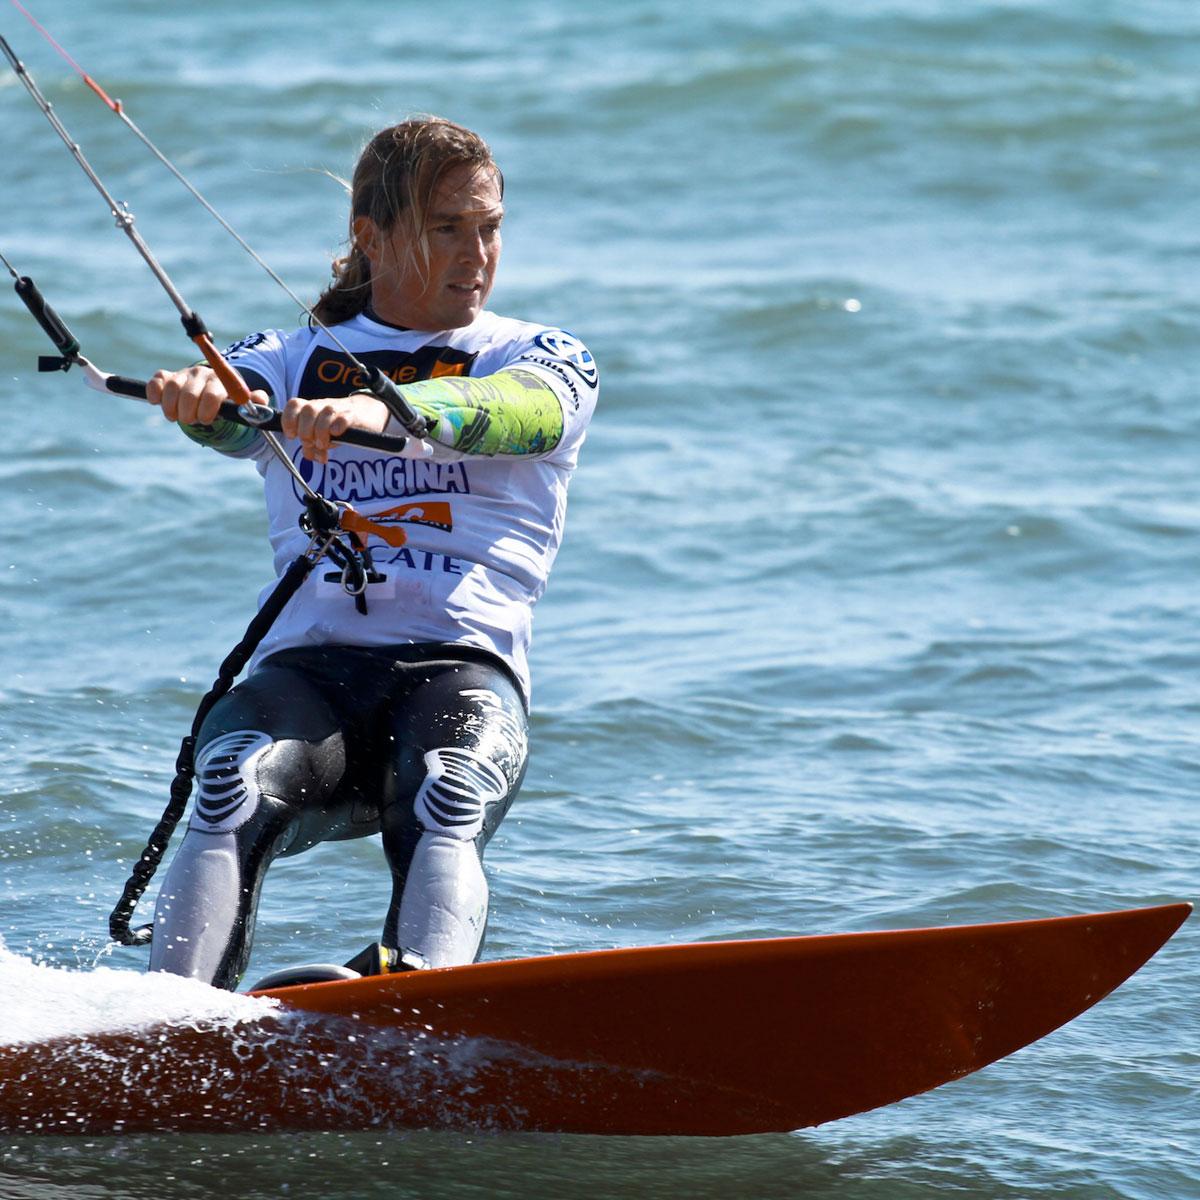 La Cote des Montres : Photo - L'ambassadeur Zenith Alex Caizergues triomphe au Mondial du Vent à Leucate, en France